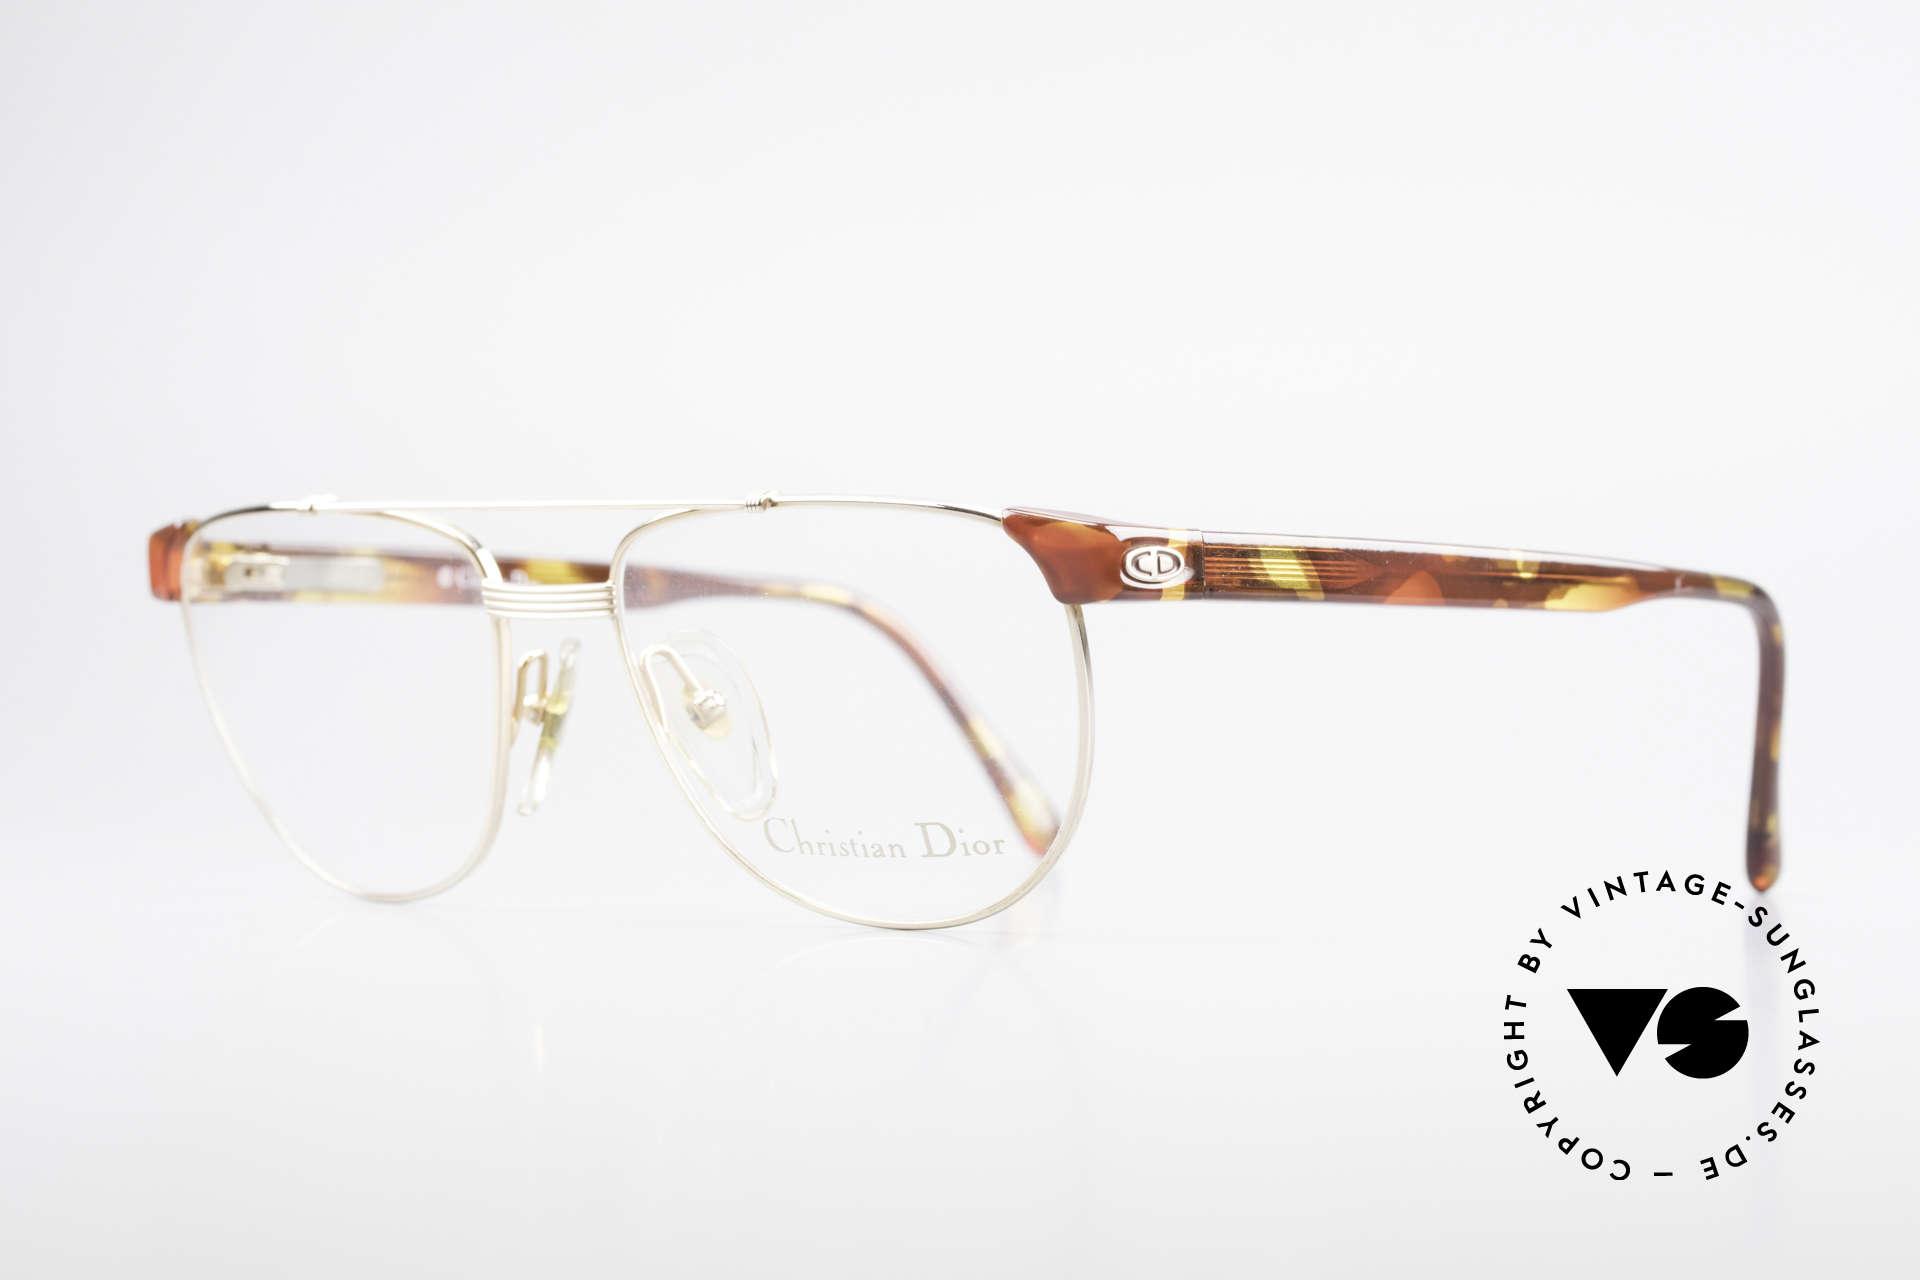 Christian Dior 2722 90er Designer Brille Unisex, schlichtweg ein zeitloser Klassiker; echt vintage!, Passend für Herren und Damen